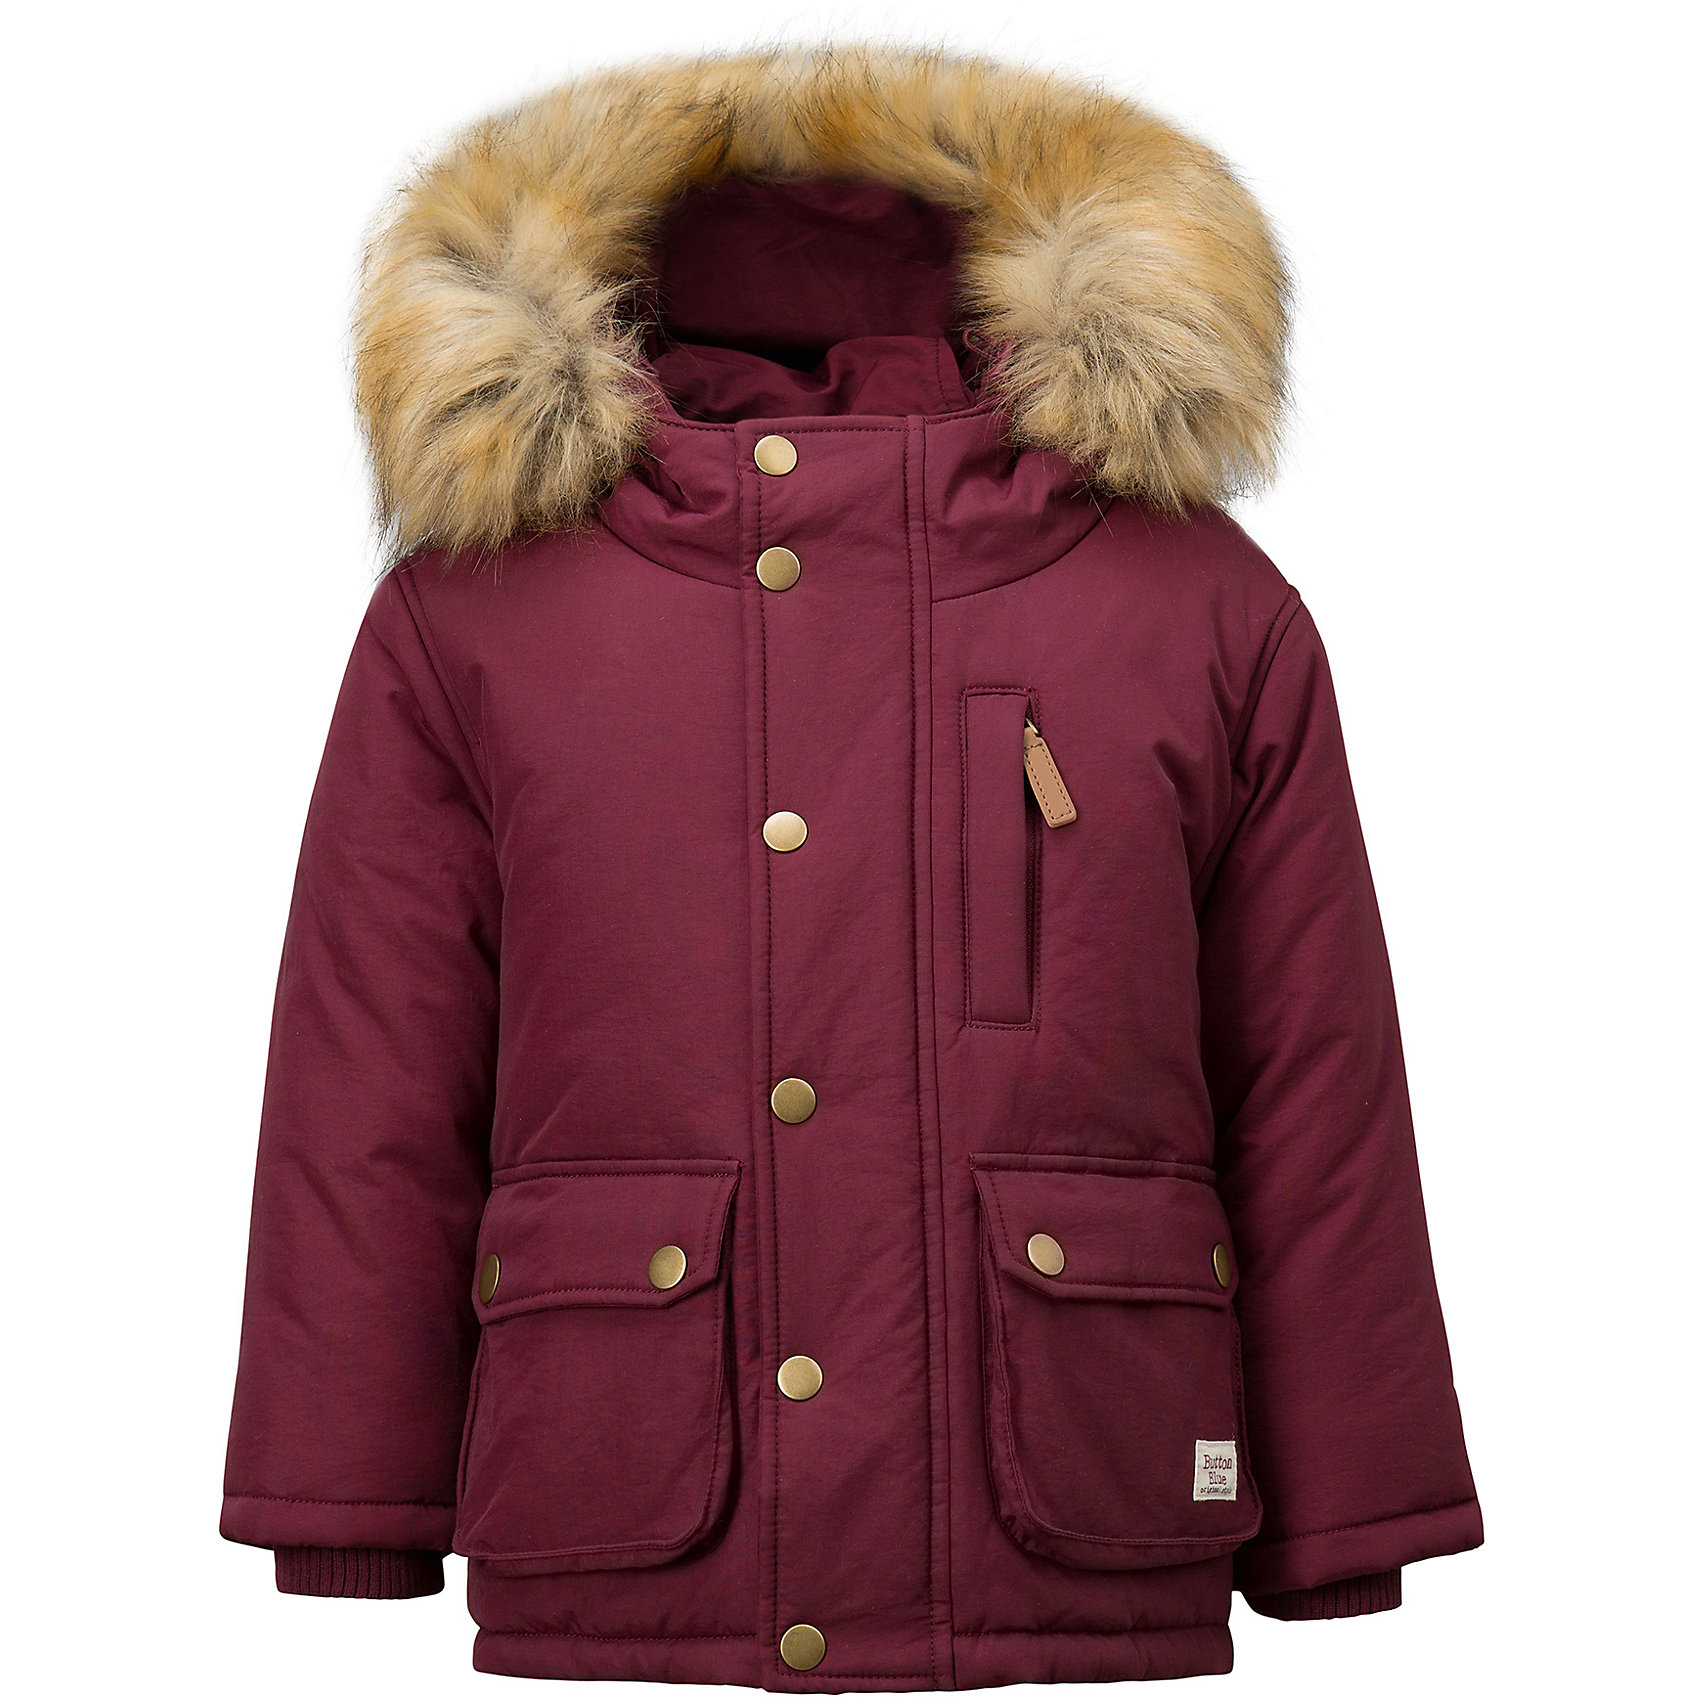 Полупальто Button Blue для мальчикаВерхняя одежда<br>Характеристики товара:<br><br>• цвет: бордовый;<br>• состав: 100% нейлон;<br>• подкладка: 100% полиэстер, 100% хлопок;<br>• утеплитель: 100% полиэстер;<br>• сезон: зима;<br>• температурный режим: от 0 до -20С;<br>• застежка: молния по всей длине с дополнительной планкой на кнопках;<br>• защита подбородка от защемления;<br>• капюшон не отстегивается;<br>• искусственный мех на капюшоне;<br>• эластичные трикотажные внутренние манжеты;<br>• внутренняя утяжка со стопером по низу изделия;<br>• два кармана на кнопках и нагрудный карман на молнии;<br>• страна бренда: Россия;<br>• страна изготовитель: Китай.<br><br>Зимняя куртка с капюшоном для мальчика. Куртка застегивается на молнию по всей длине. У куртки эластичные внутренние манжеты и регулируемый низ изделия. Капюшон отделан опушкой из искусственного меха.<br><br>Куртку Button Blue (Баттон Блю) можно купить в нашем интернет-магазине.<br><br>Ширина мм: 356<br>Глубина мм: 10<br>Высота мм: 245<br>Вес г: 519<br>Цвет: бордовый<br>Возраст от месяцев: 144<br>Возраст до месяцев: 156<br>Пол: Мужской<br>Возраст: Детский<br>Размер: 158,110,116,122,128,134,140,146,152<br>SKU: 7038925